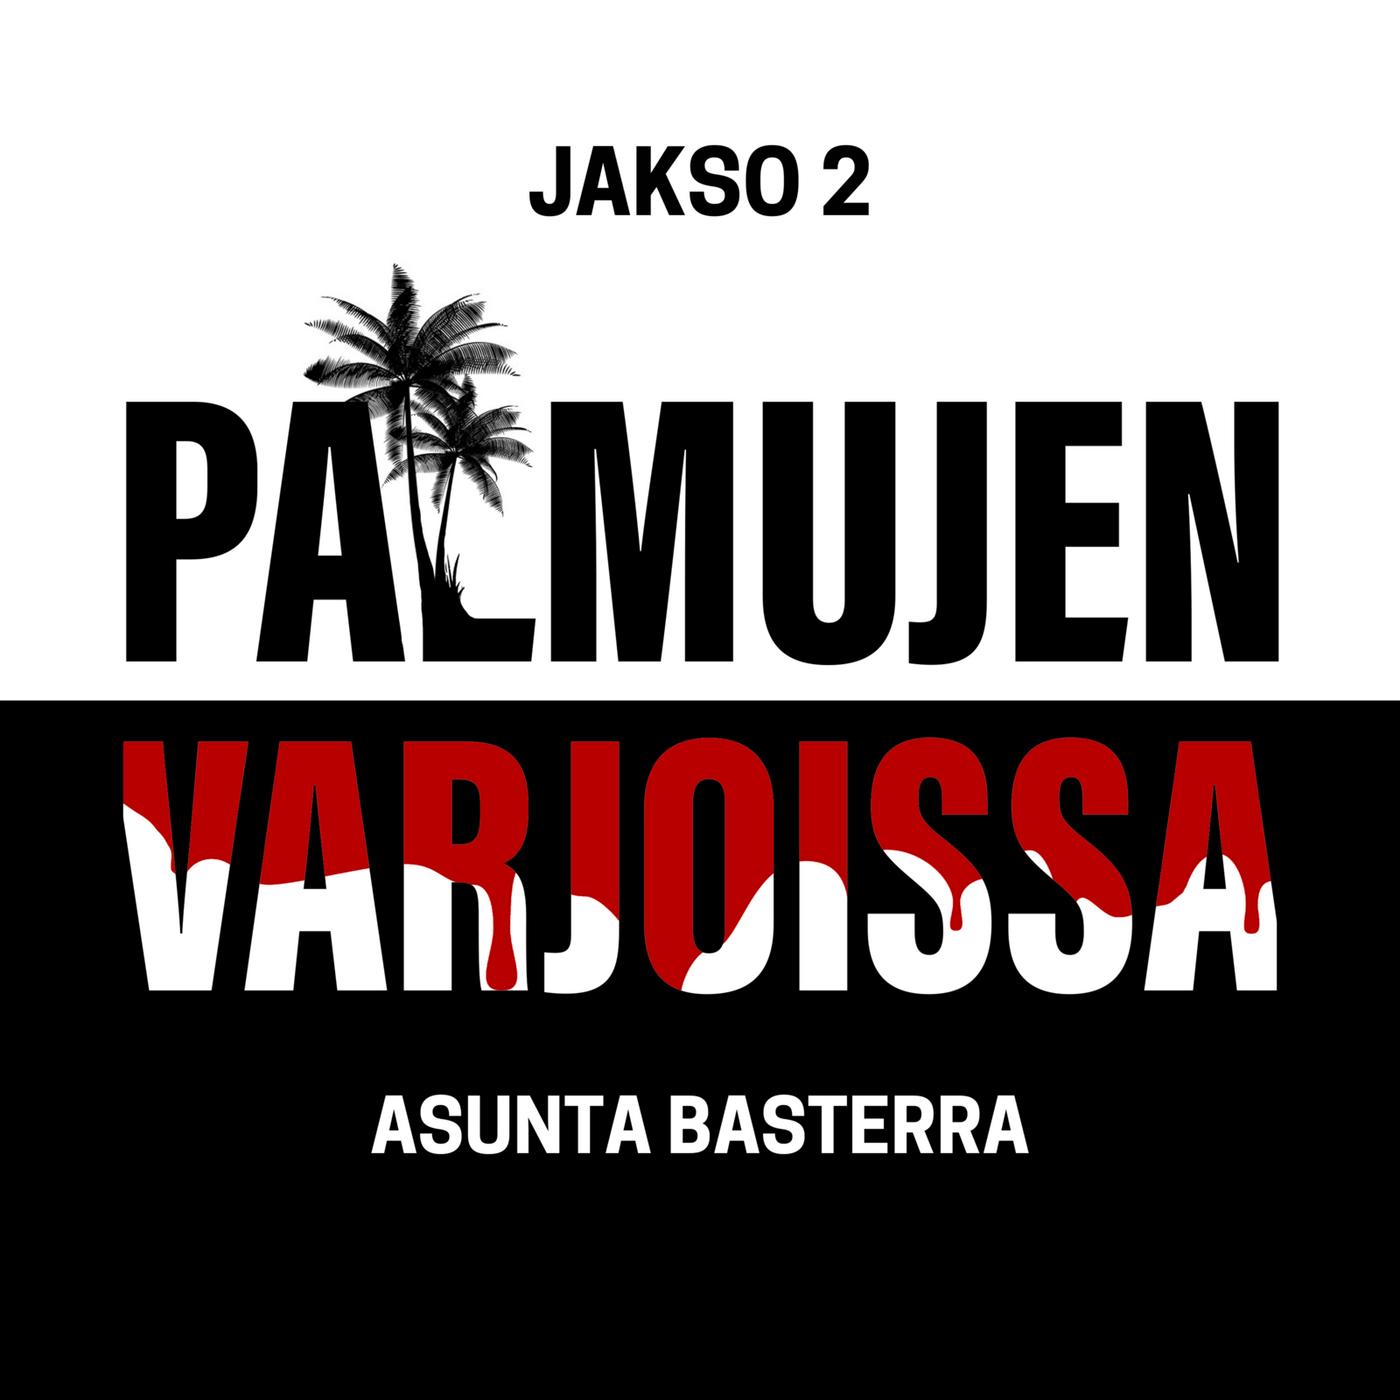 2: Asunta Basterra